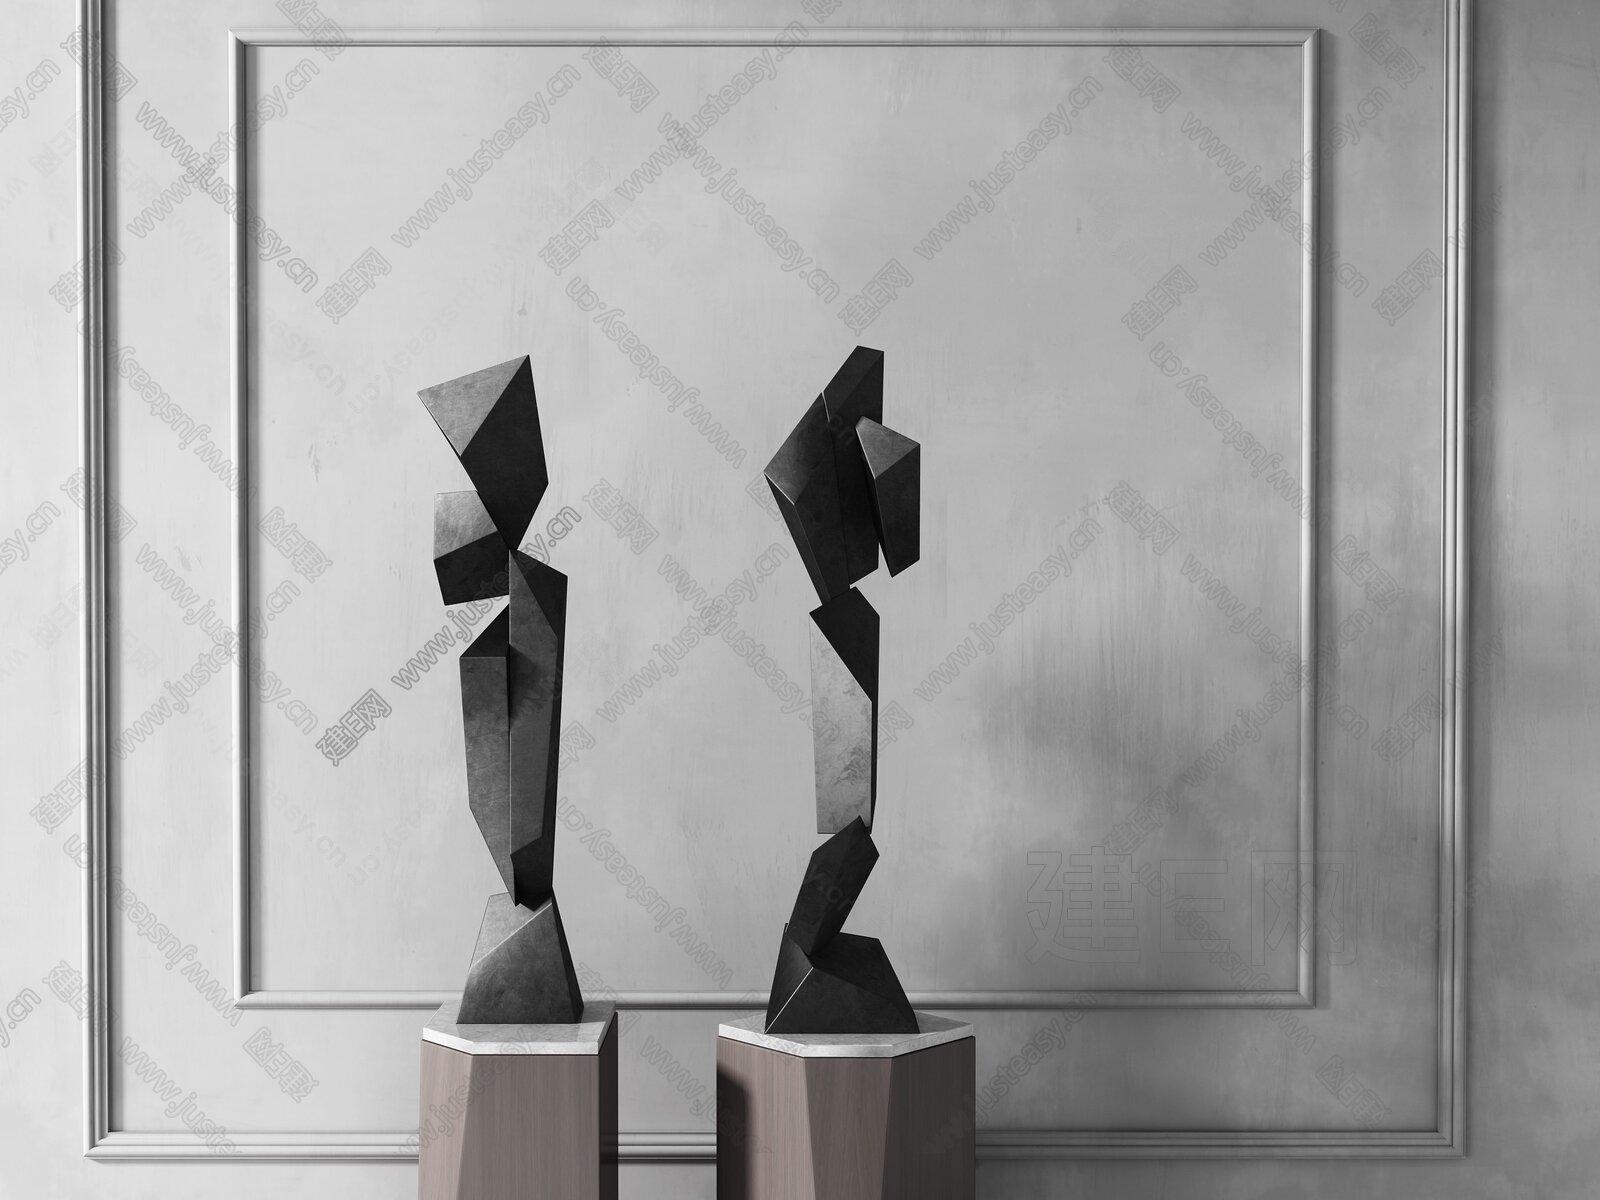 现代石头雕塑组合3d模型